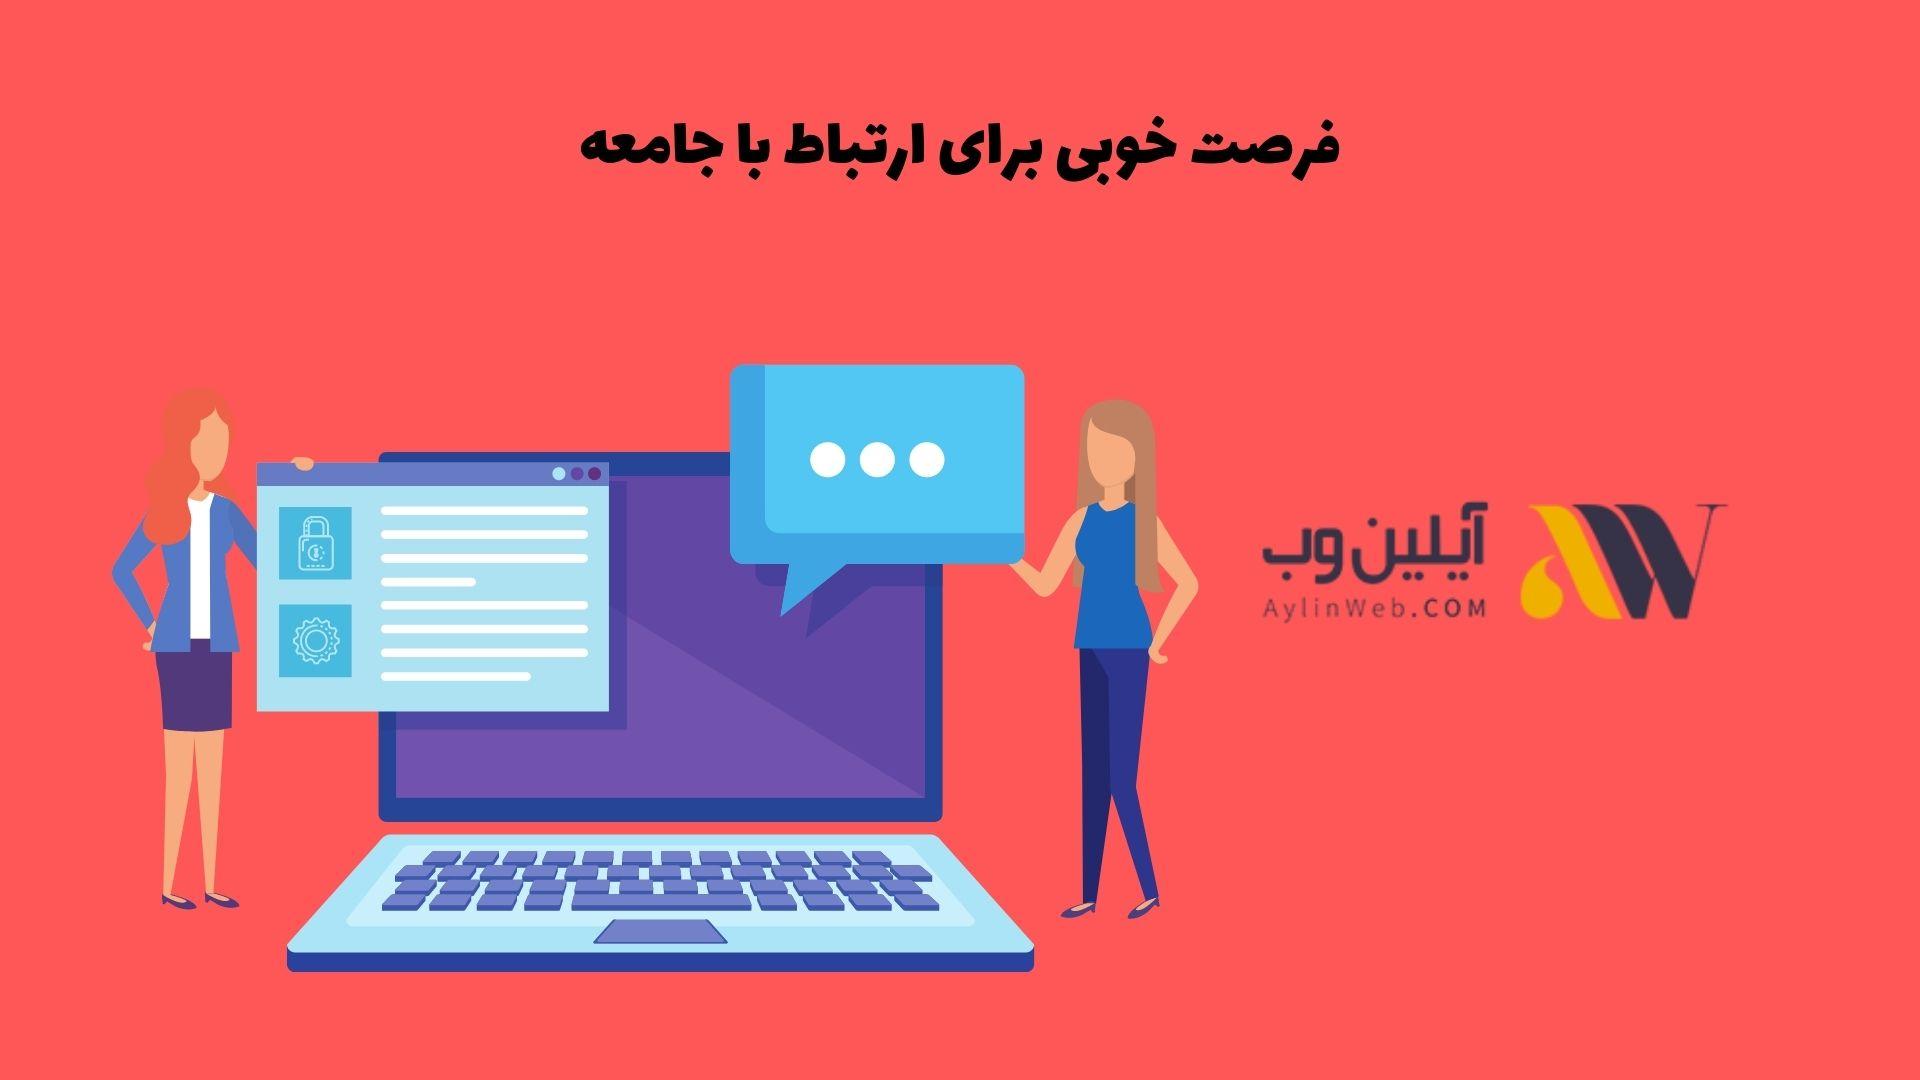 فرصت خوبی برای ارتباط با جامعه